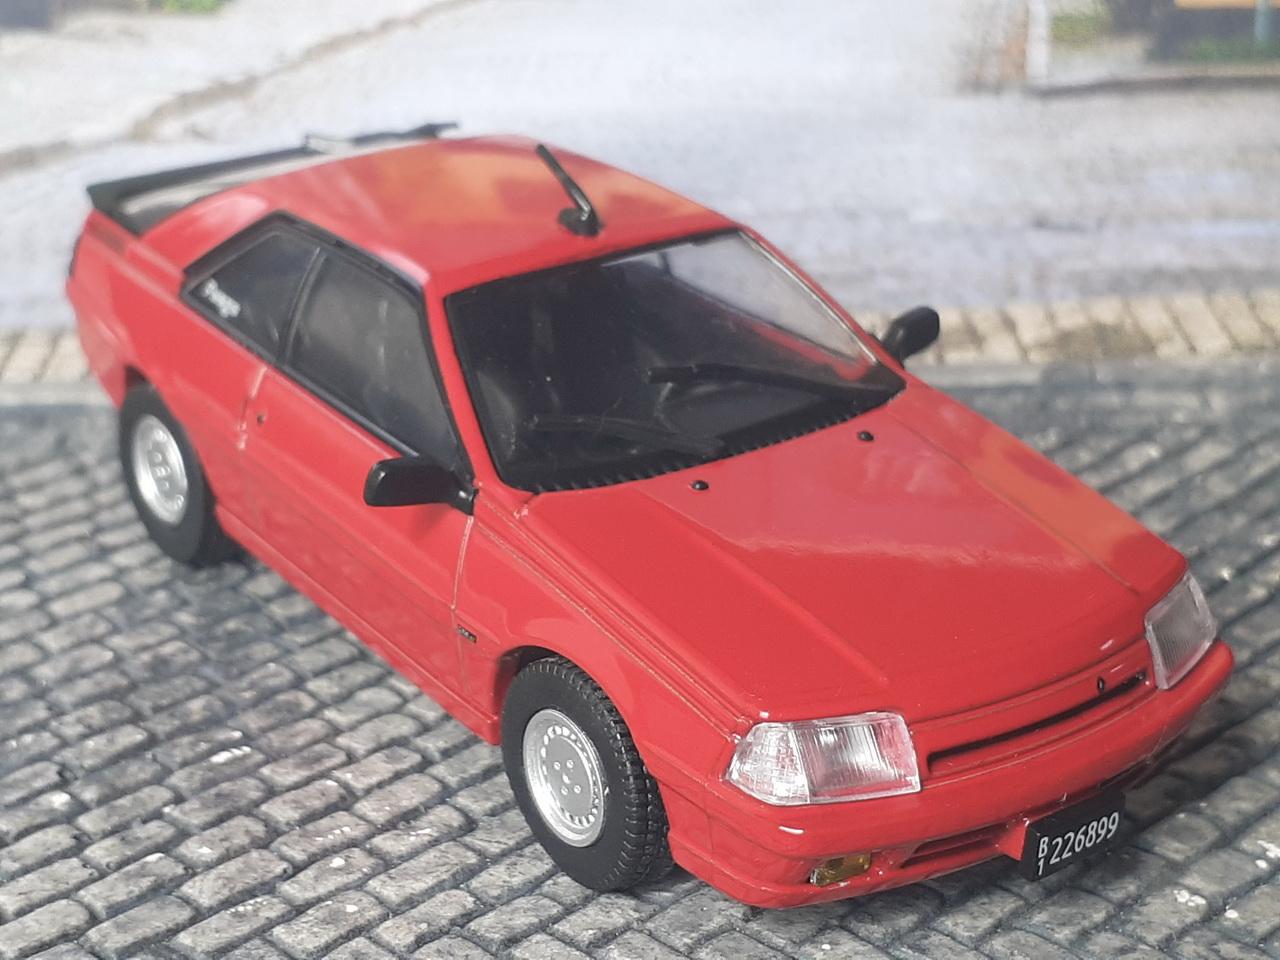 Renault Fuego GTA Max - 1991